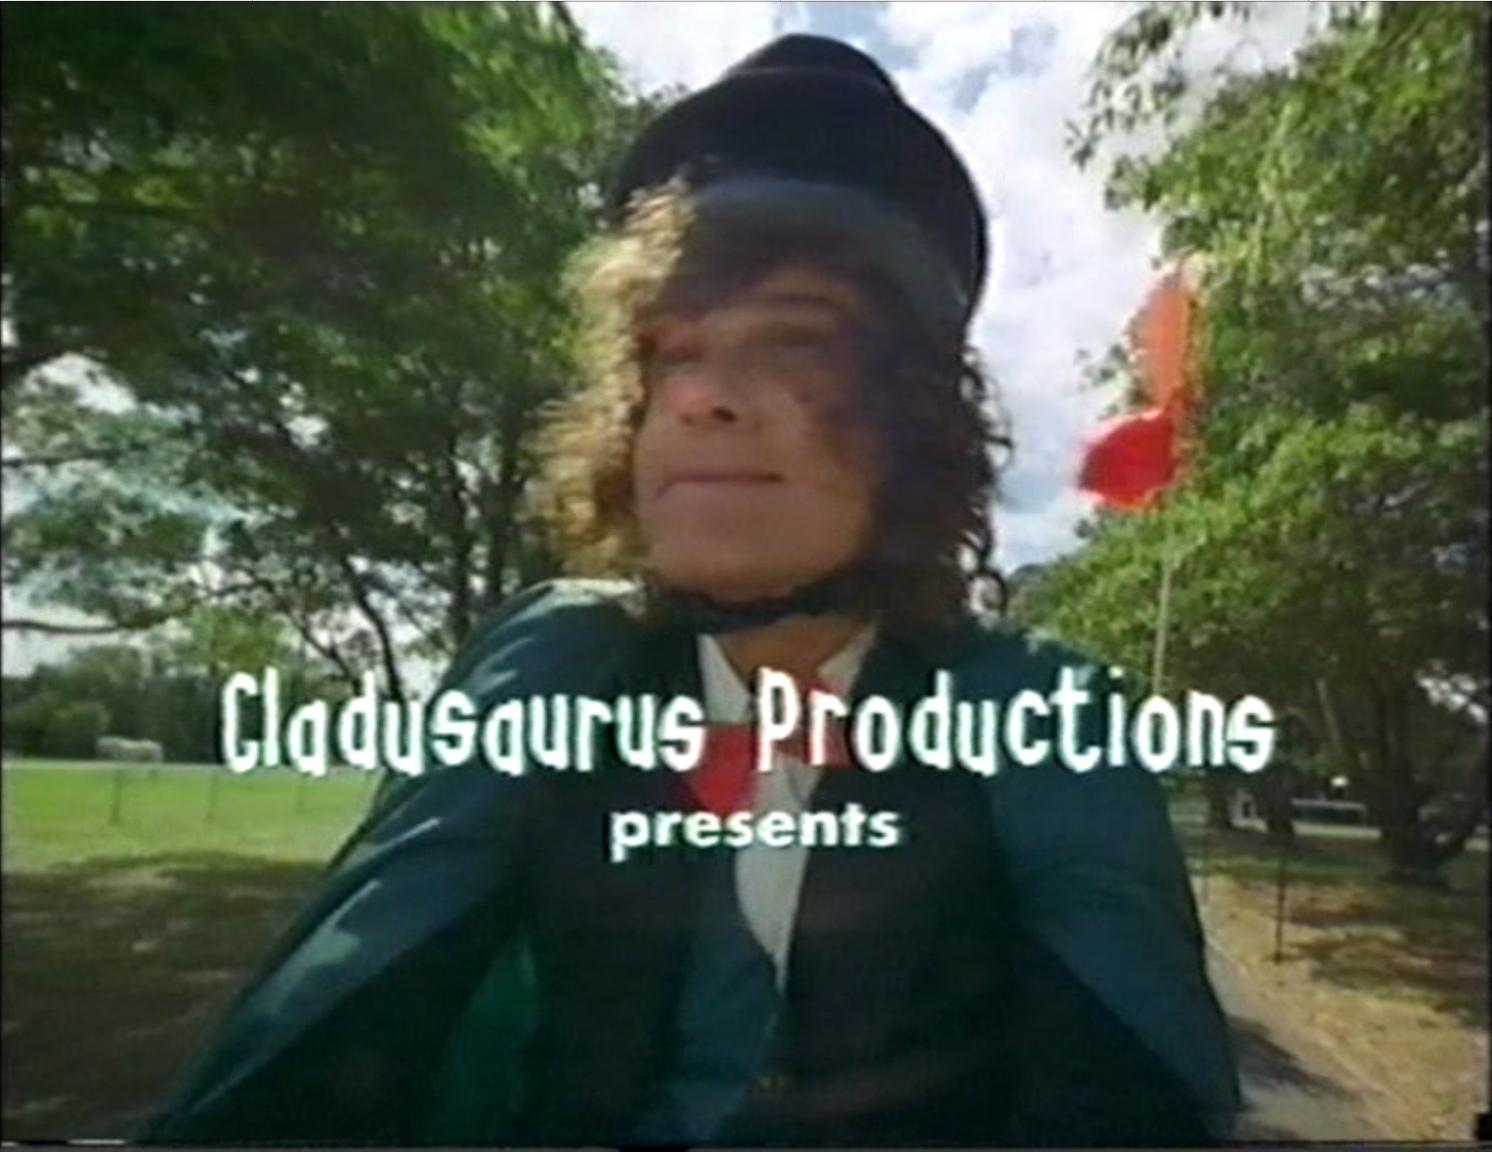 Gladusaurus Productions